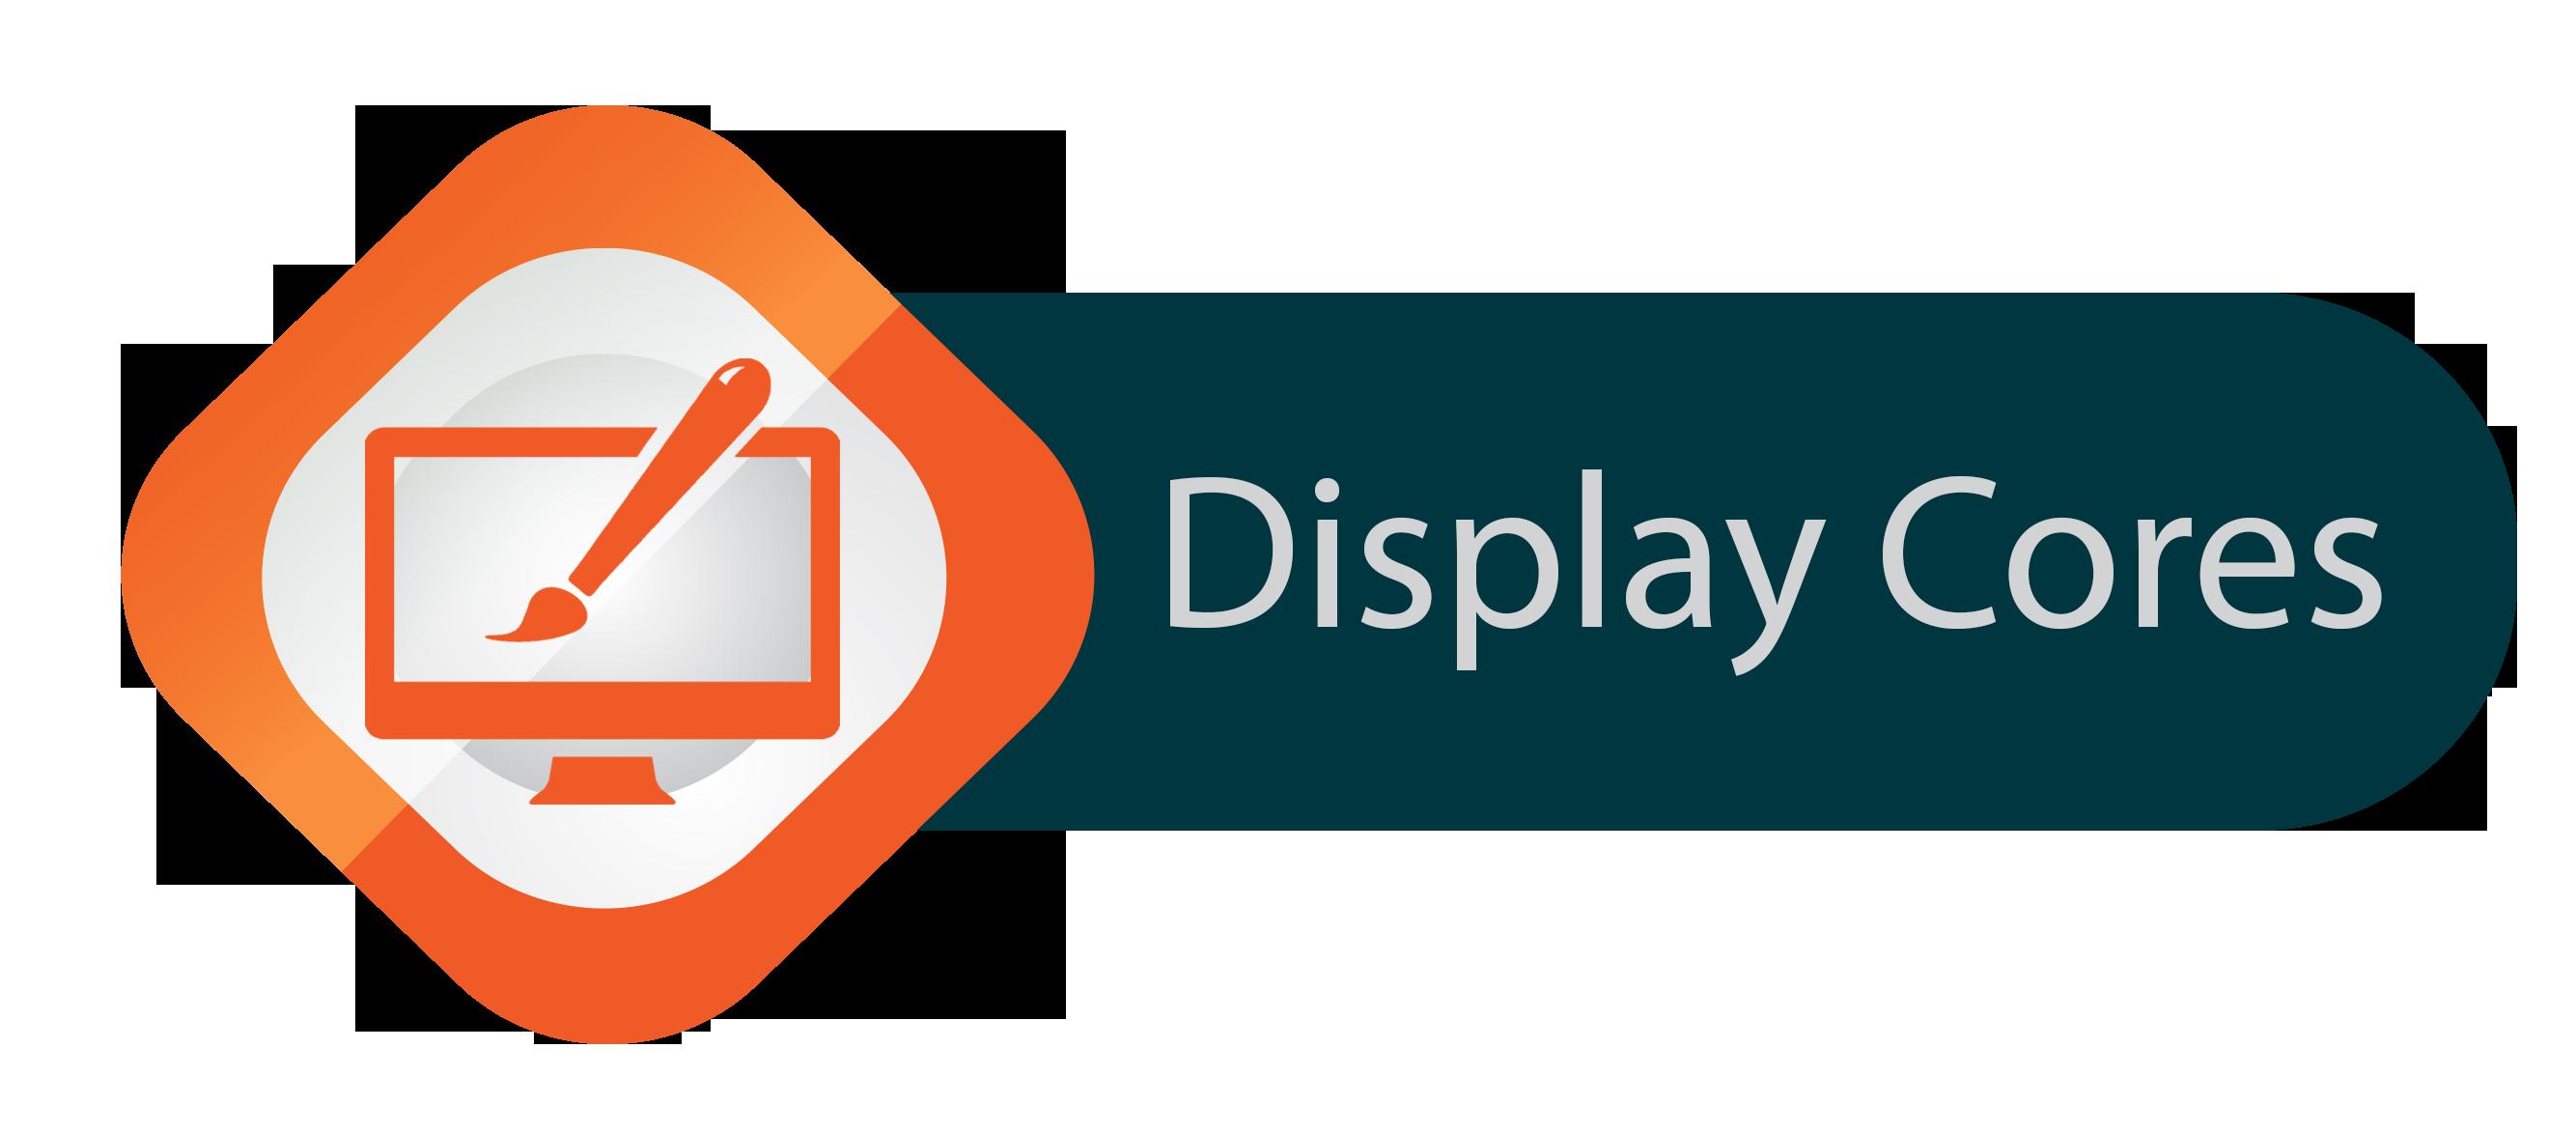 display_cores_Terminal_Controlo_Presenças_Acessos_reconhecimento_Facial_Impressão_digital